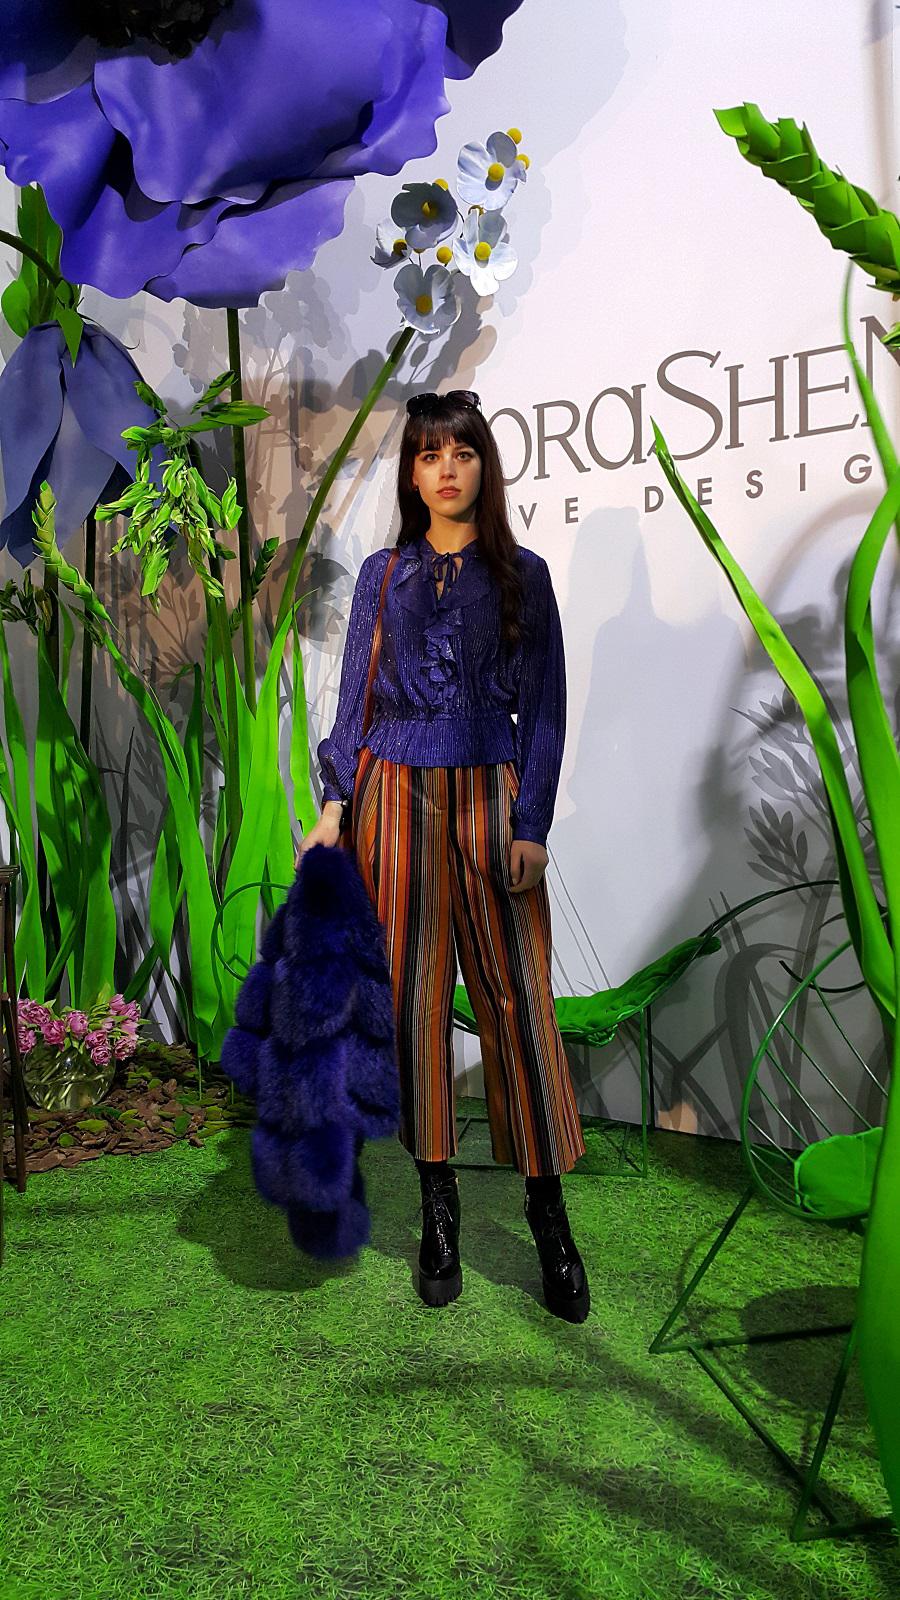 ukrainian fashion week, украинская неделя моды, Fashionable Galaxy